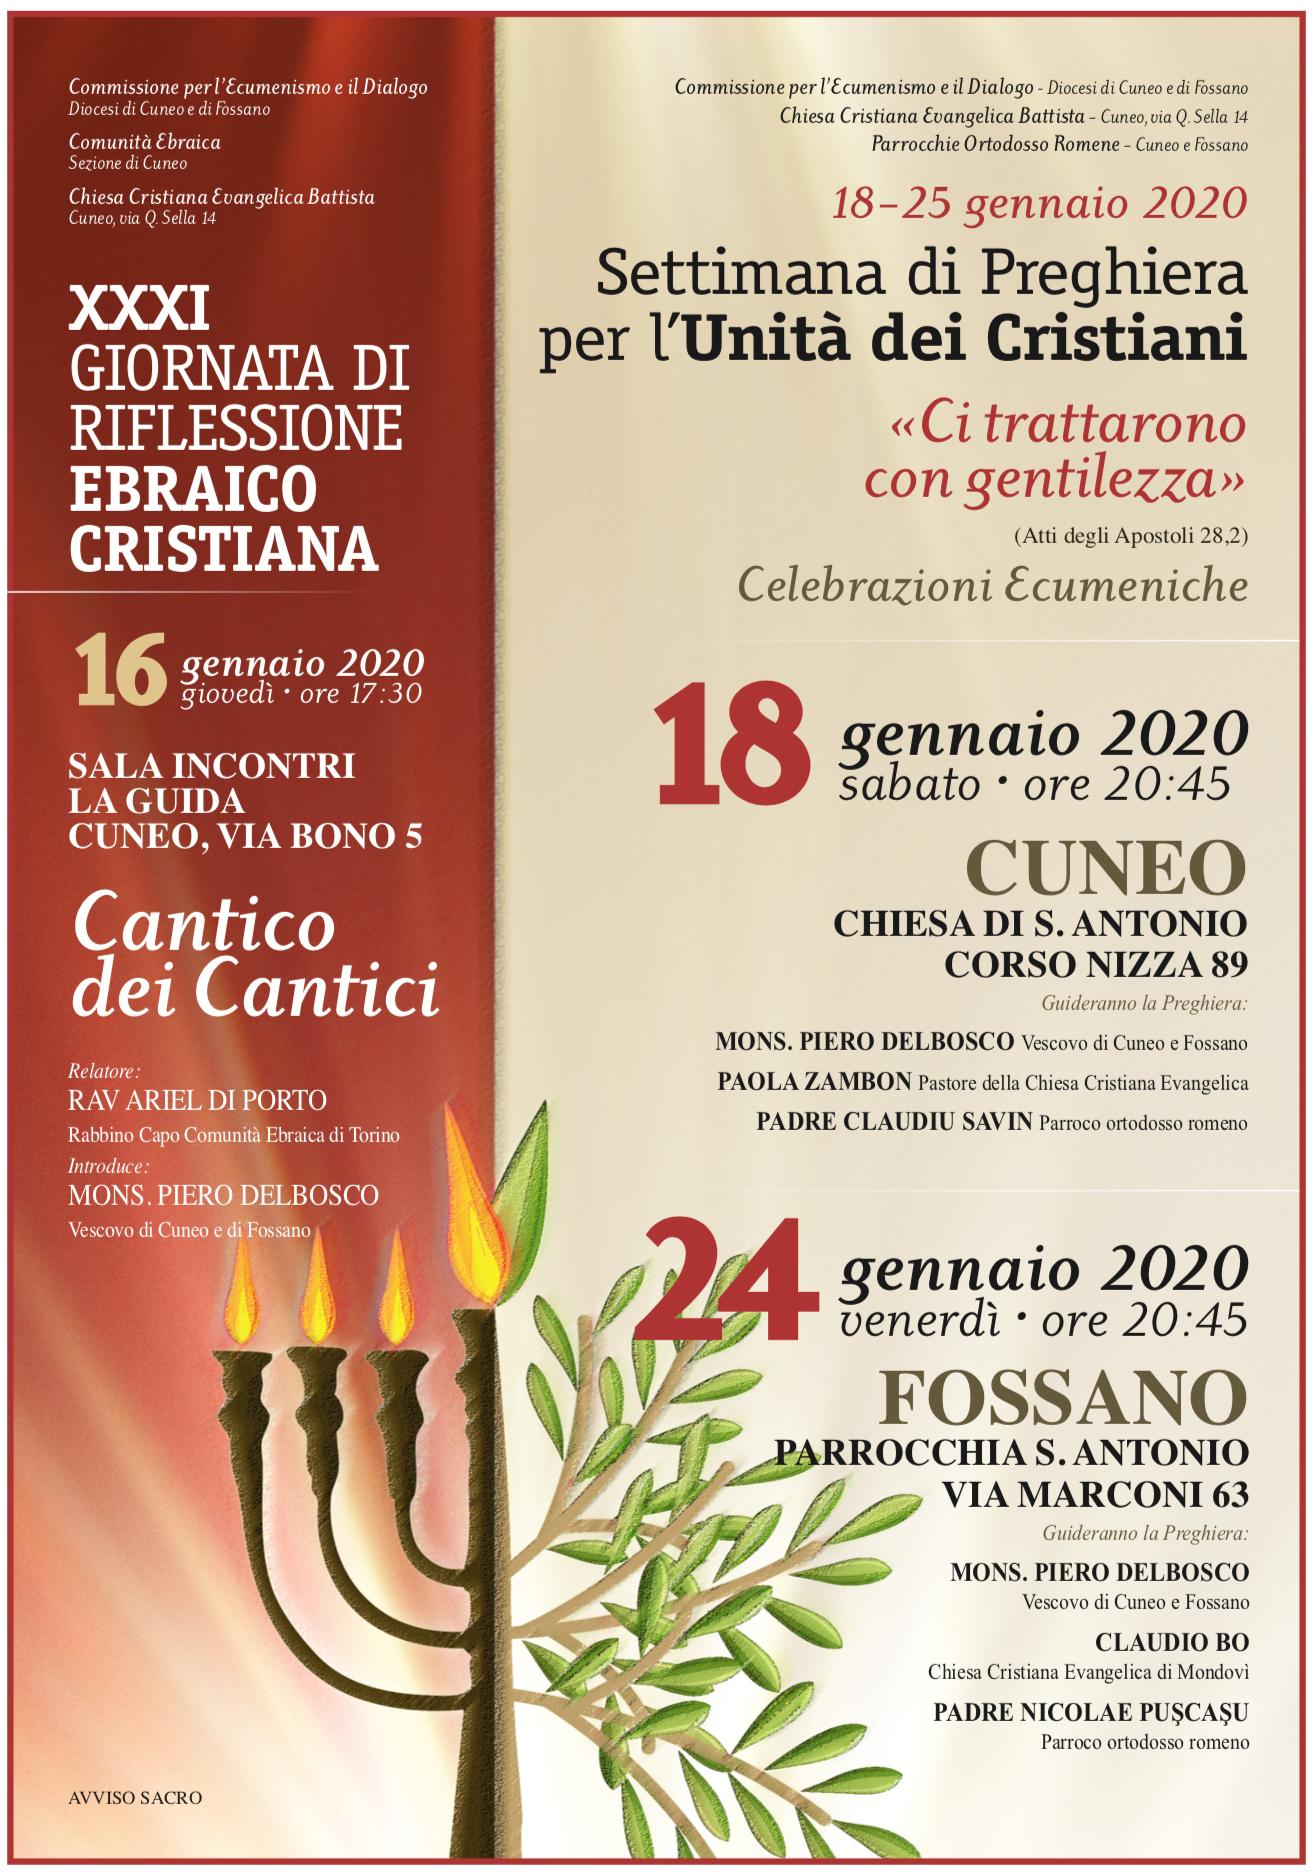 Locandina Settimana per l'Unità dei Cristiani